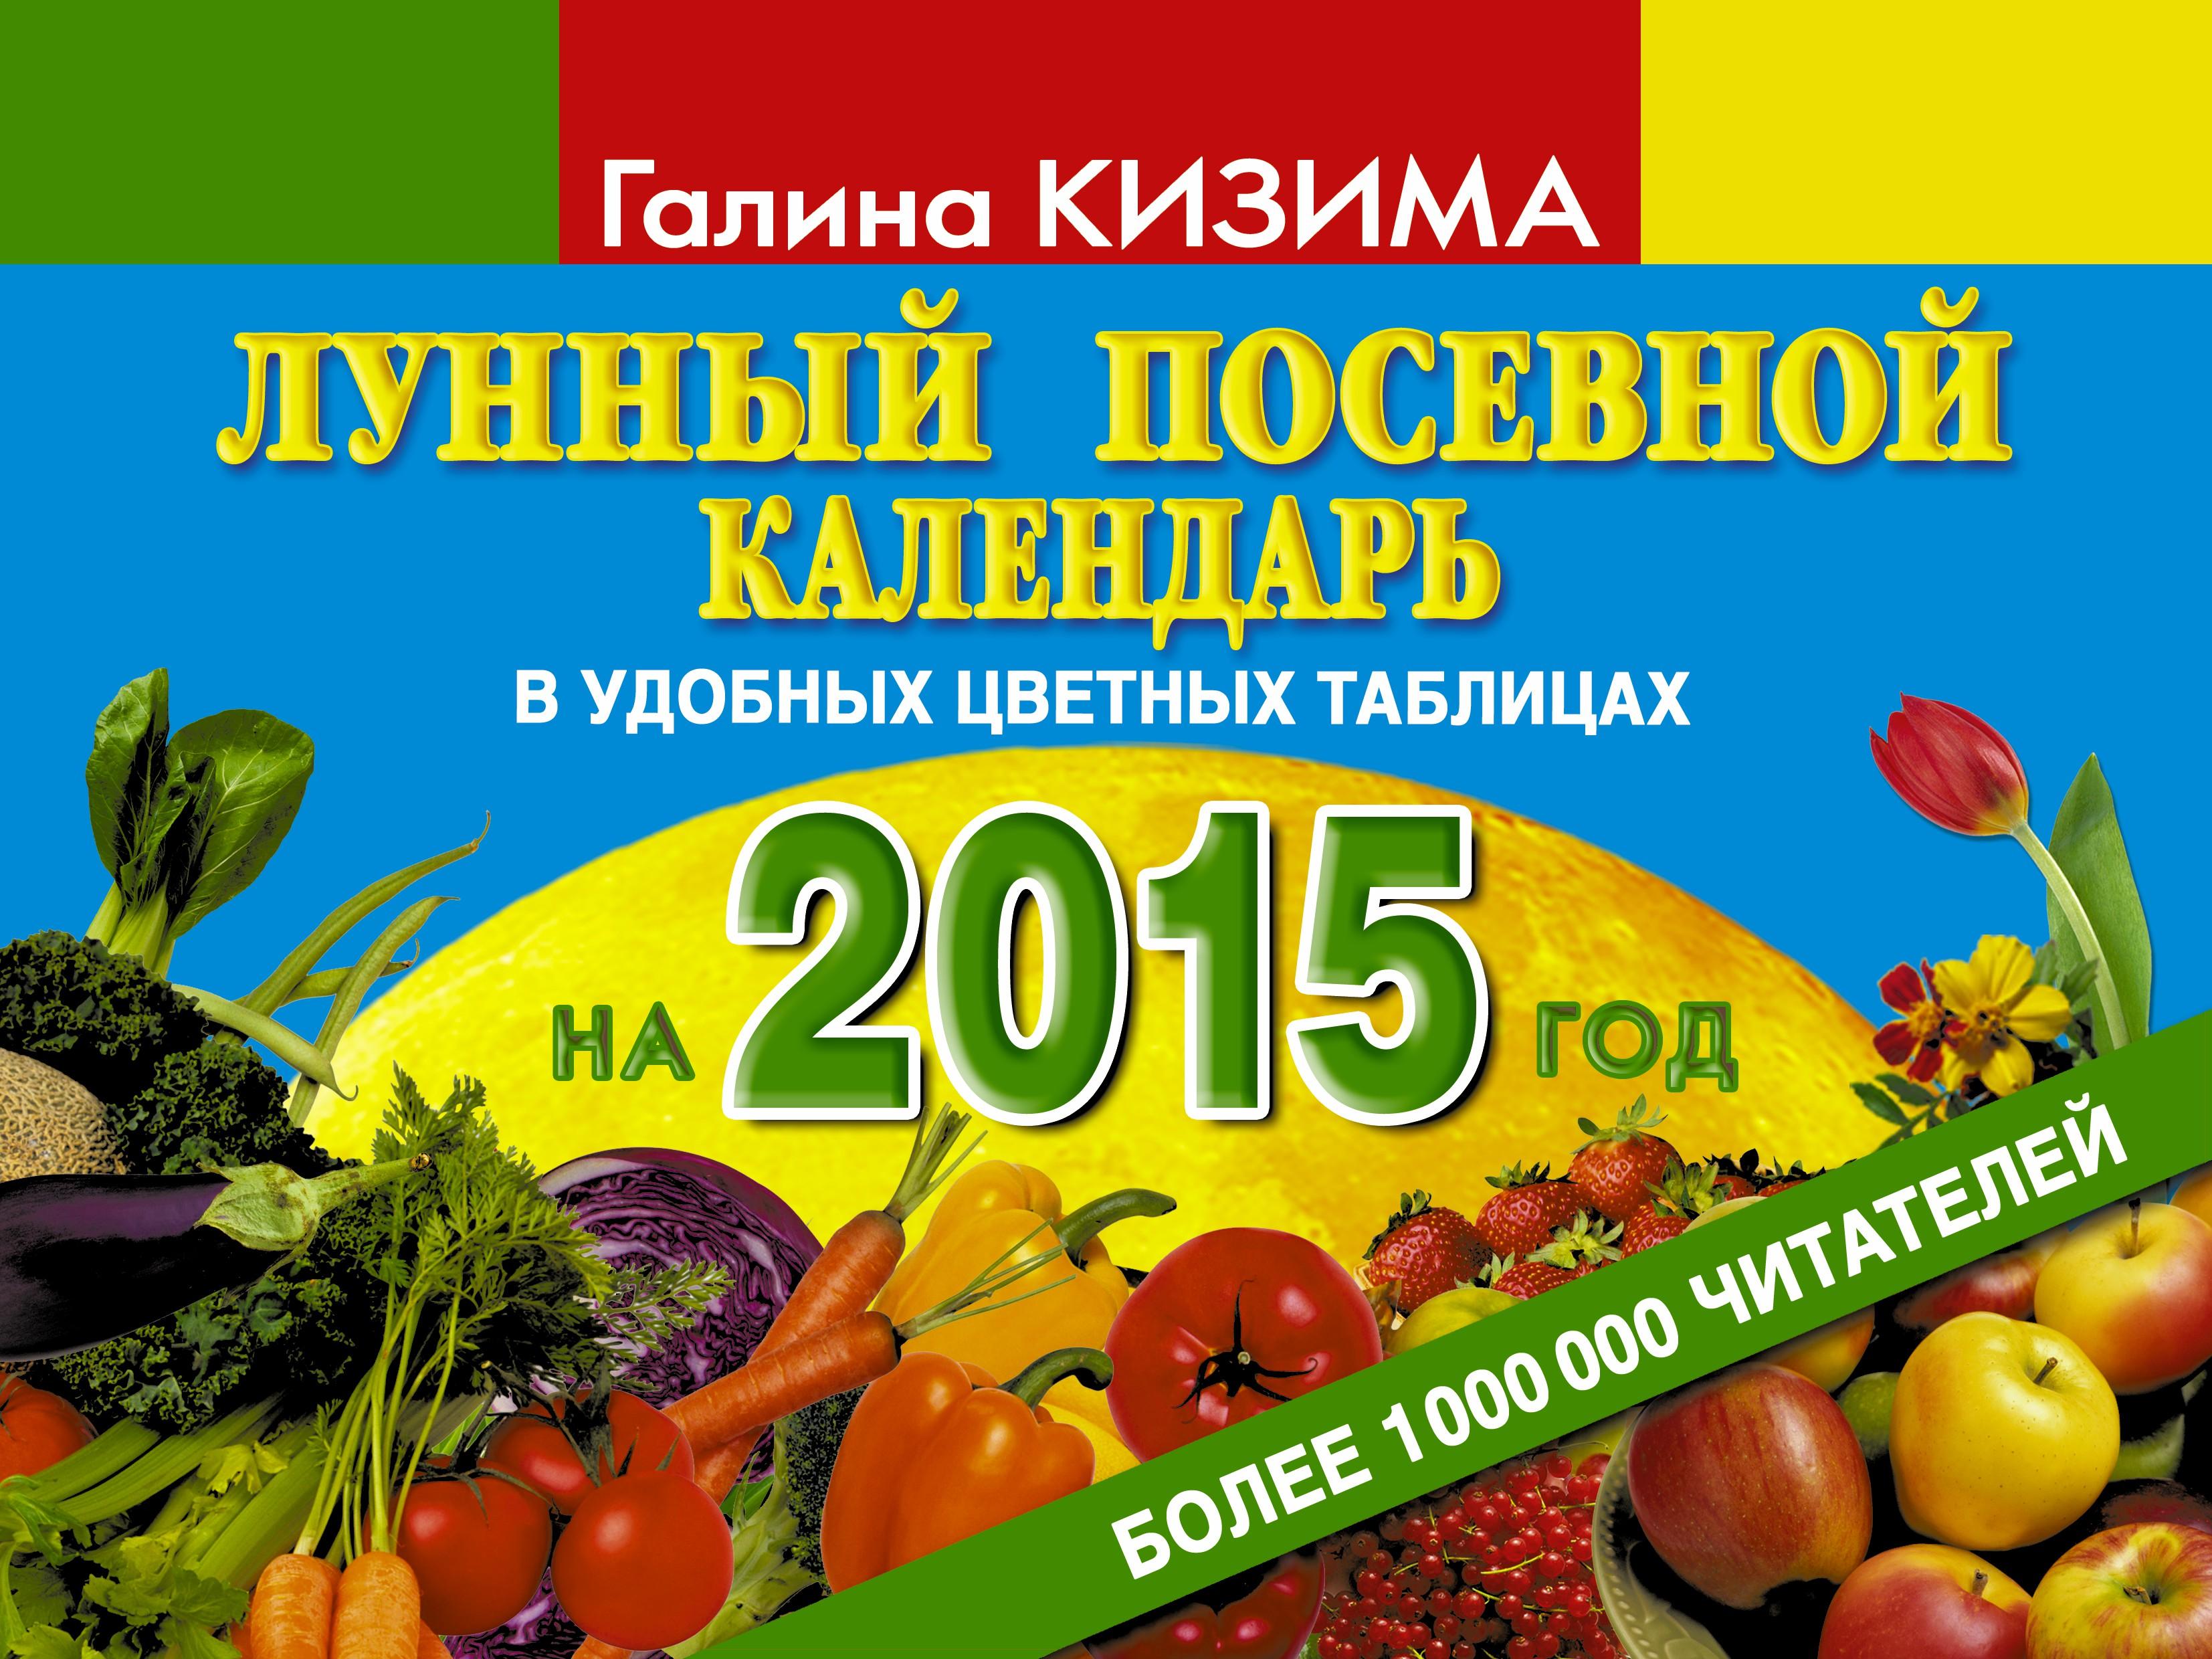 Лунный посевной календарь огородника на 2015 г.. Кизима Г.А.